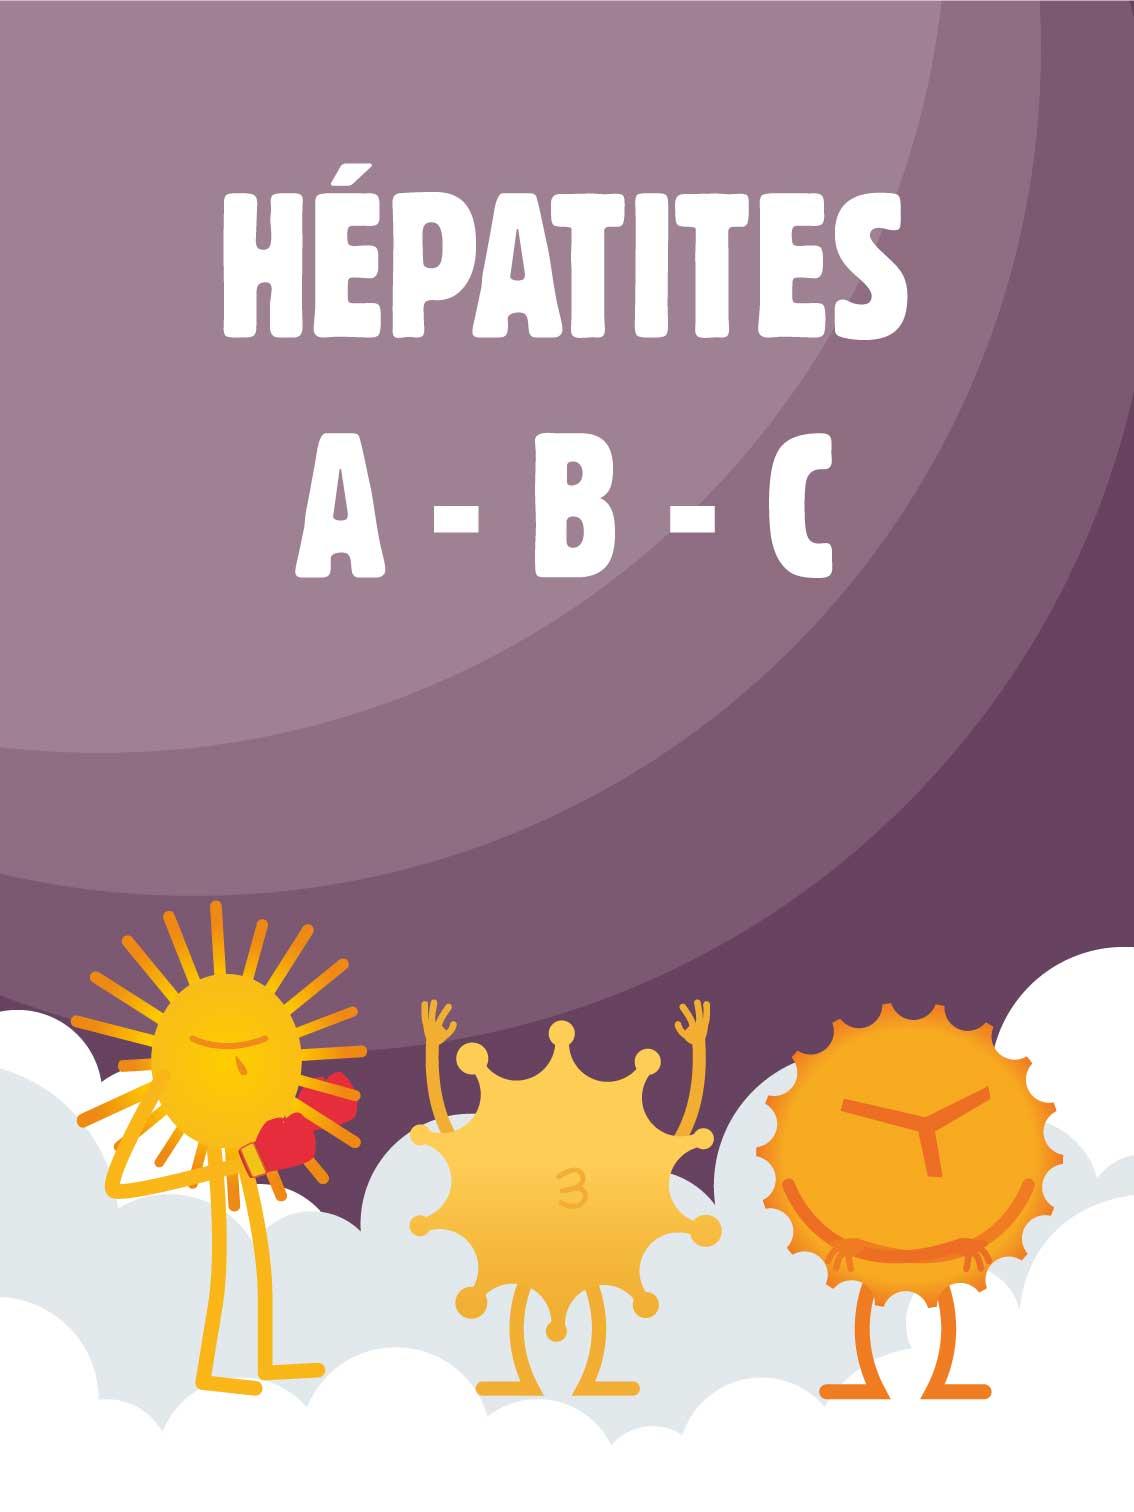 Hépatite A, B, C, dépistage, IST, MST, infections sexuellement transmissibles, rapport sexuel à risque